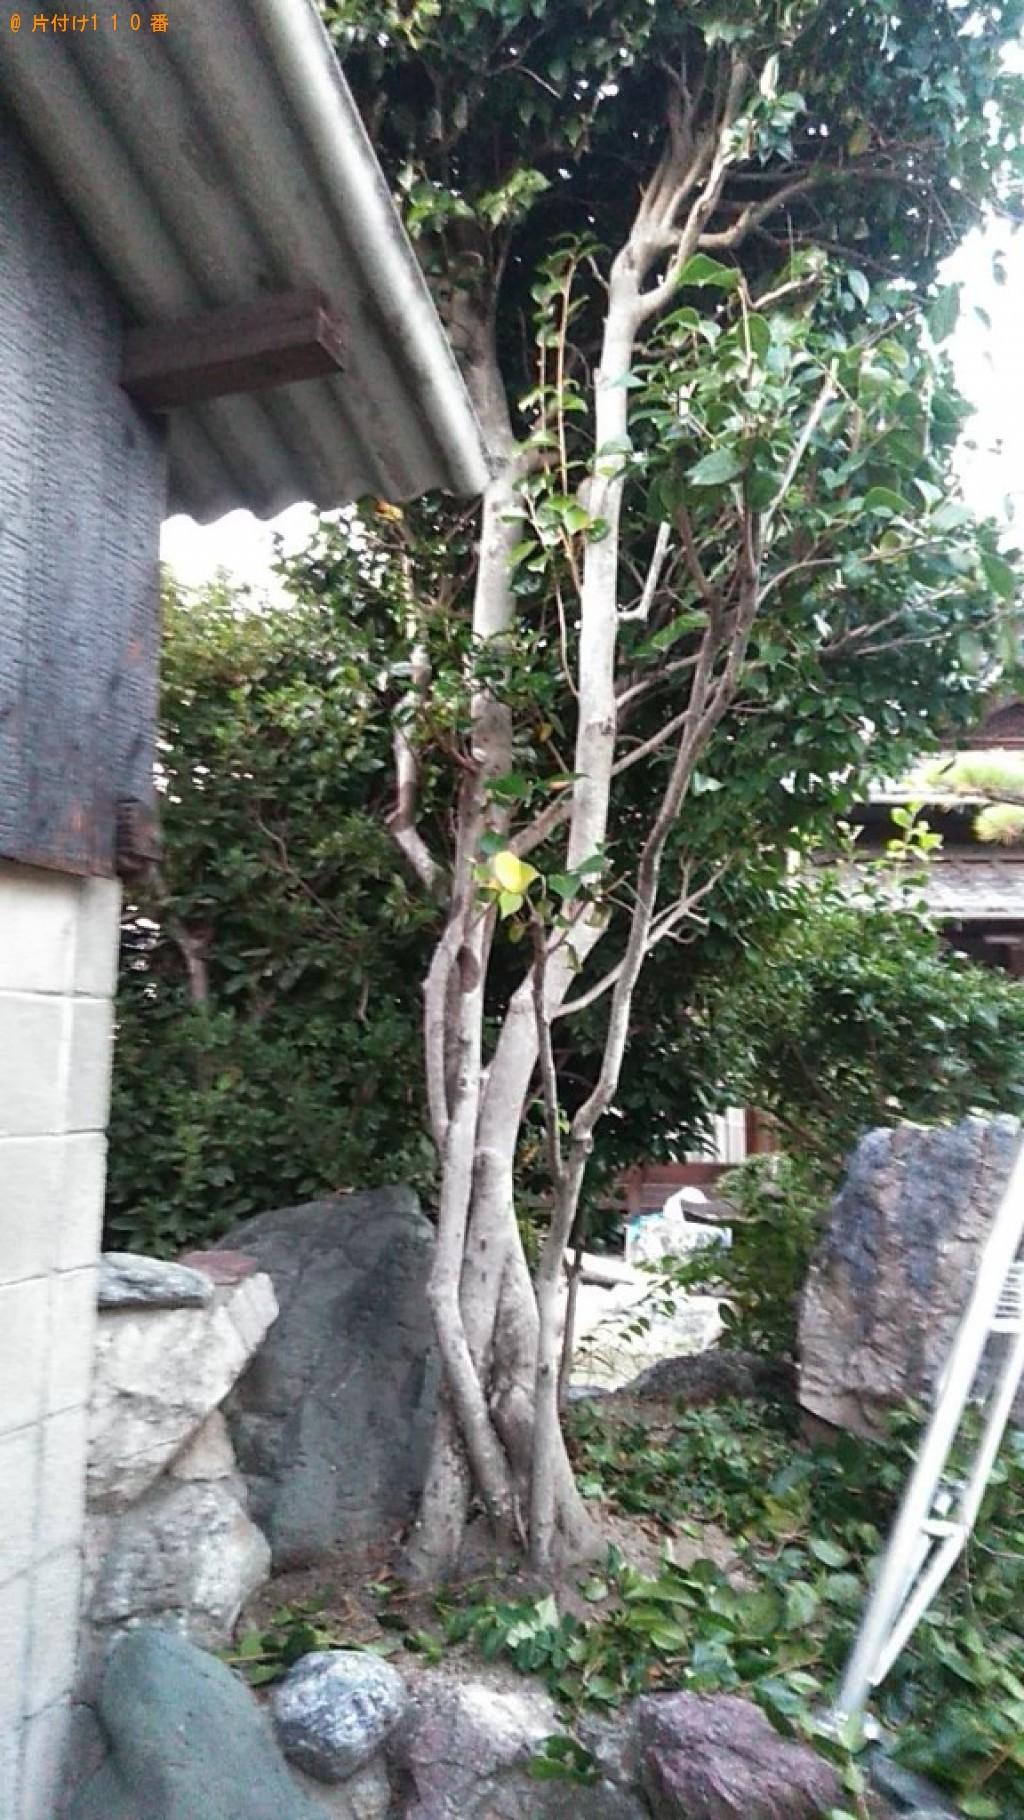 【甲府市】スズメバチの駆除、巣の回収・処分ご依頼 お客様の声